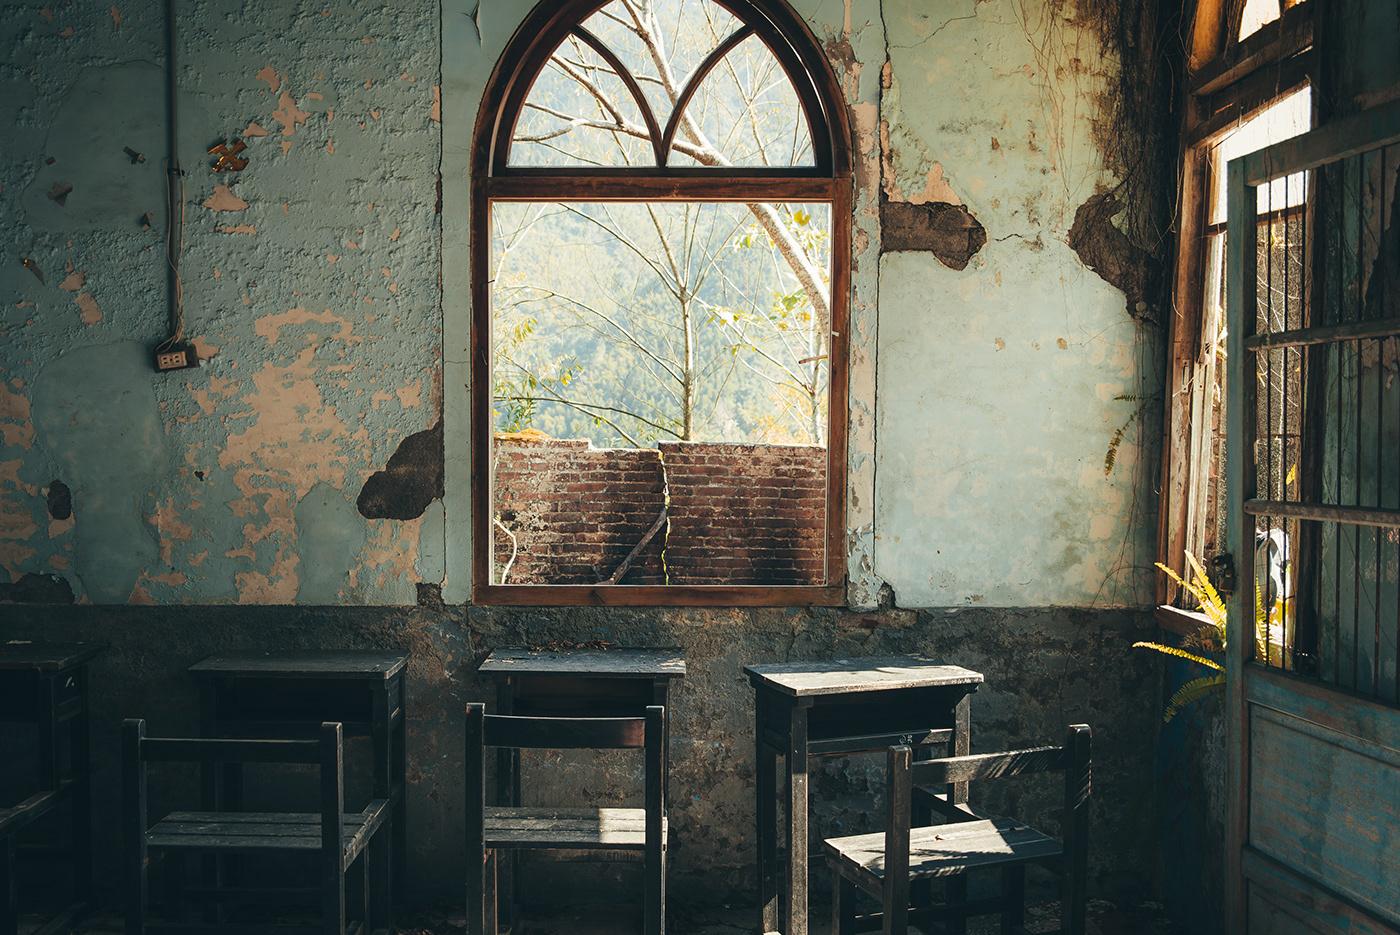 Image may contain: window, indoor and door